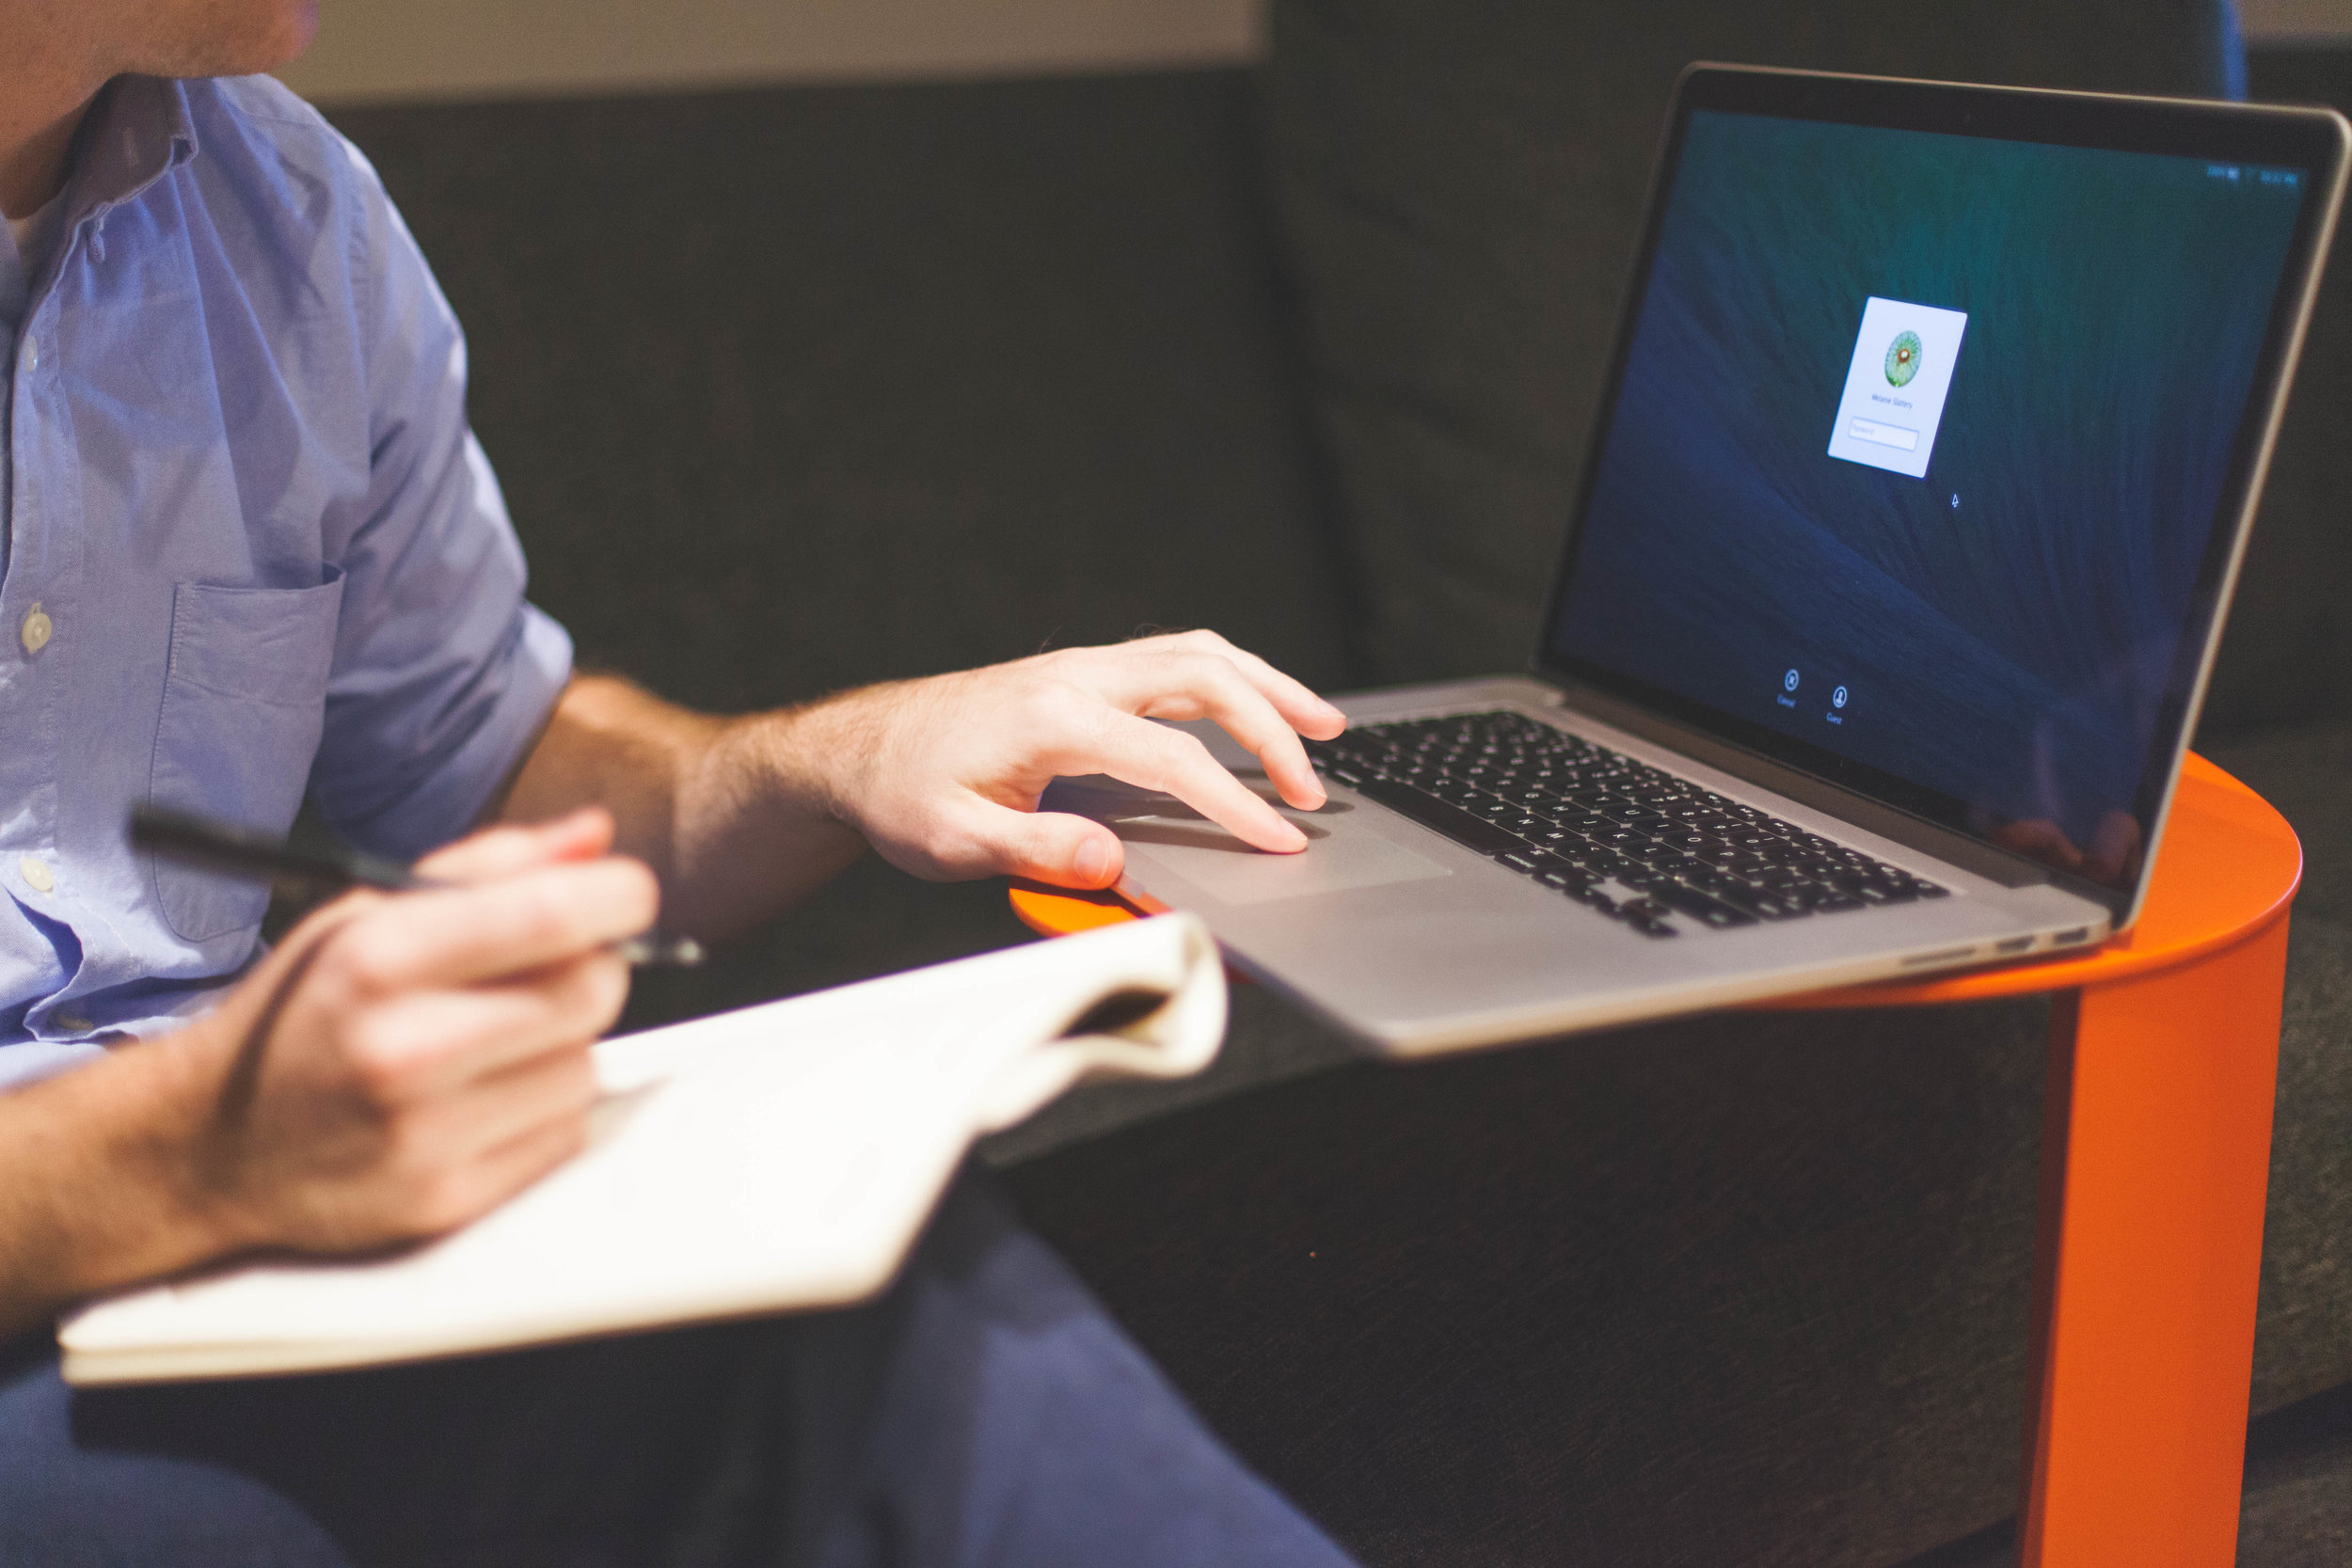 man-notebook-notes-macbook.jpeg